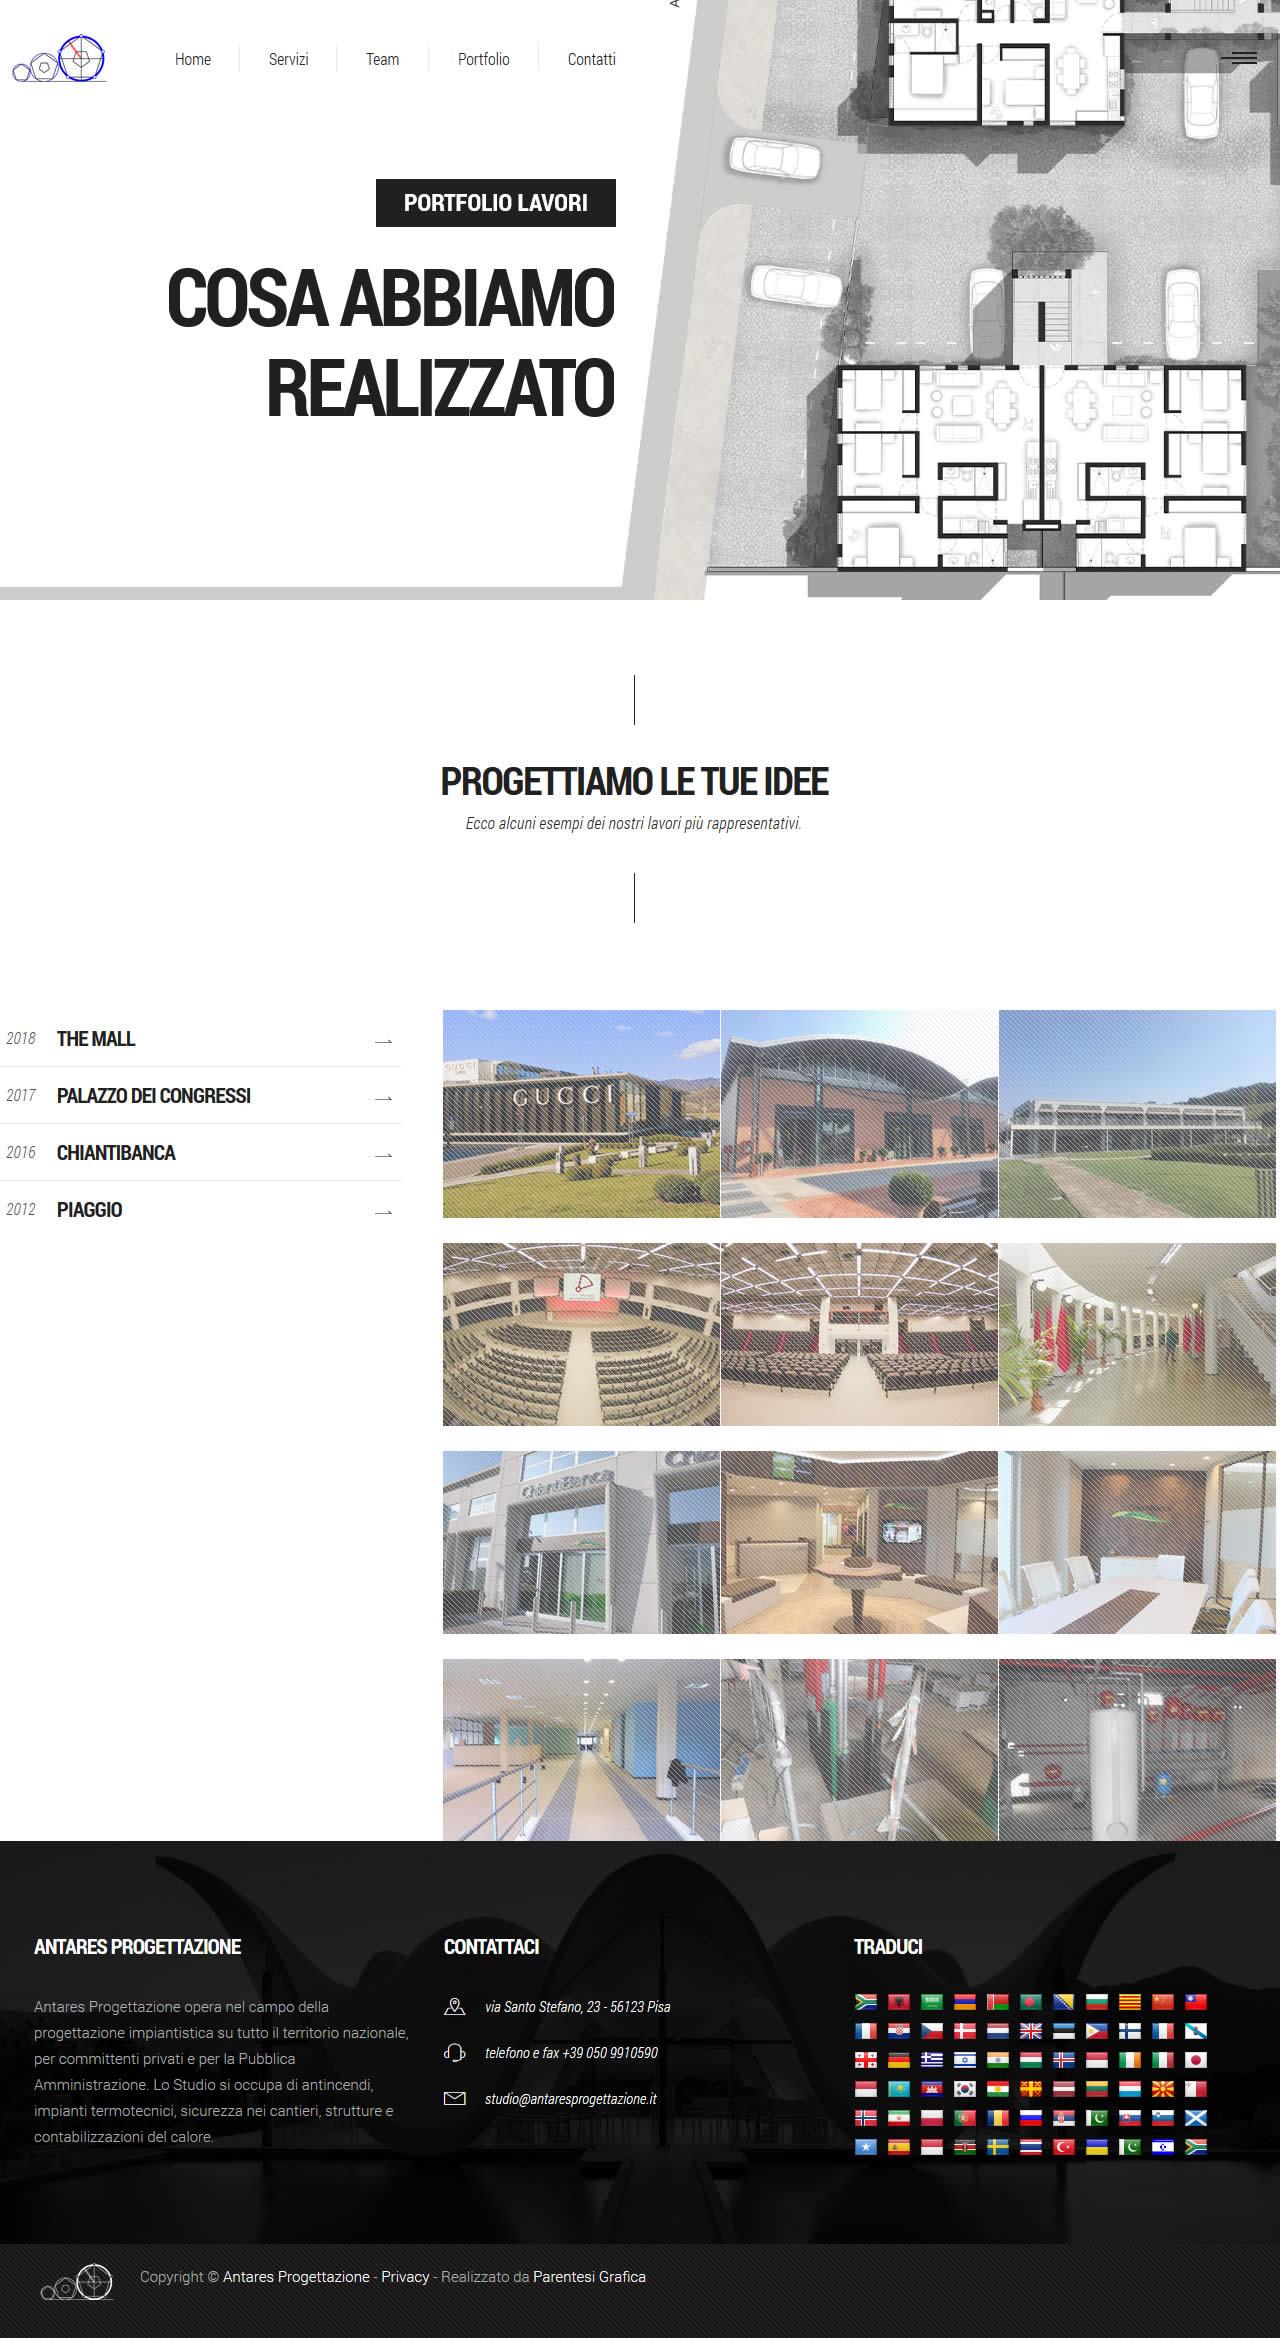 Sito web Antares Progettazione - pagina Portfolio